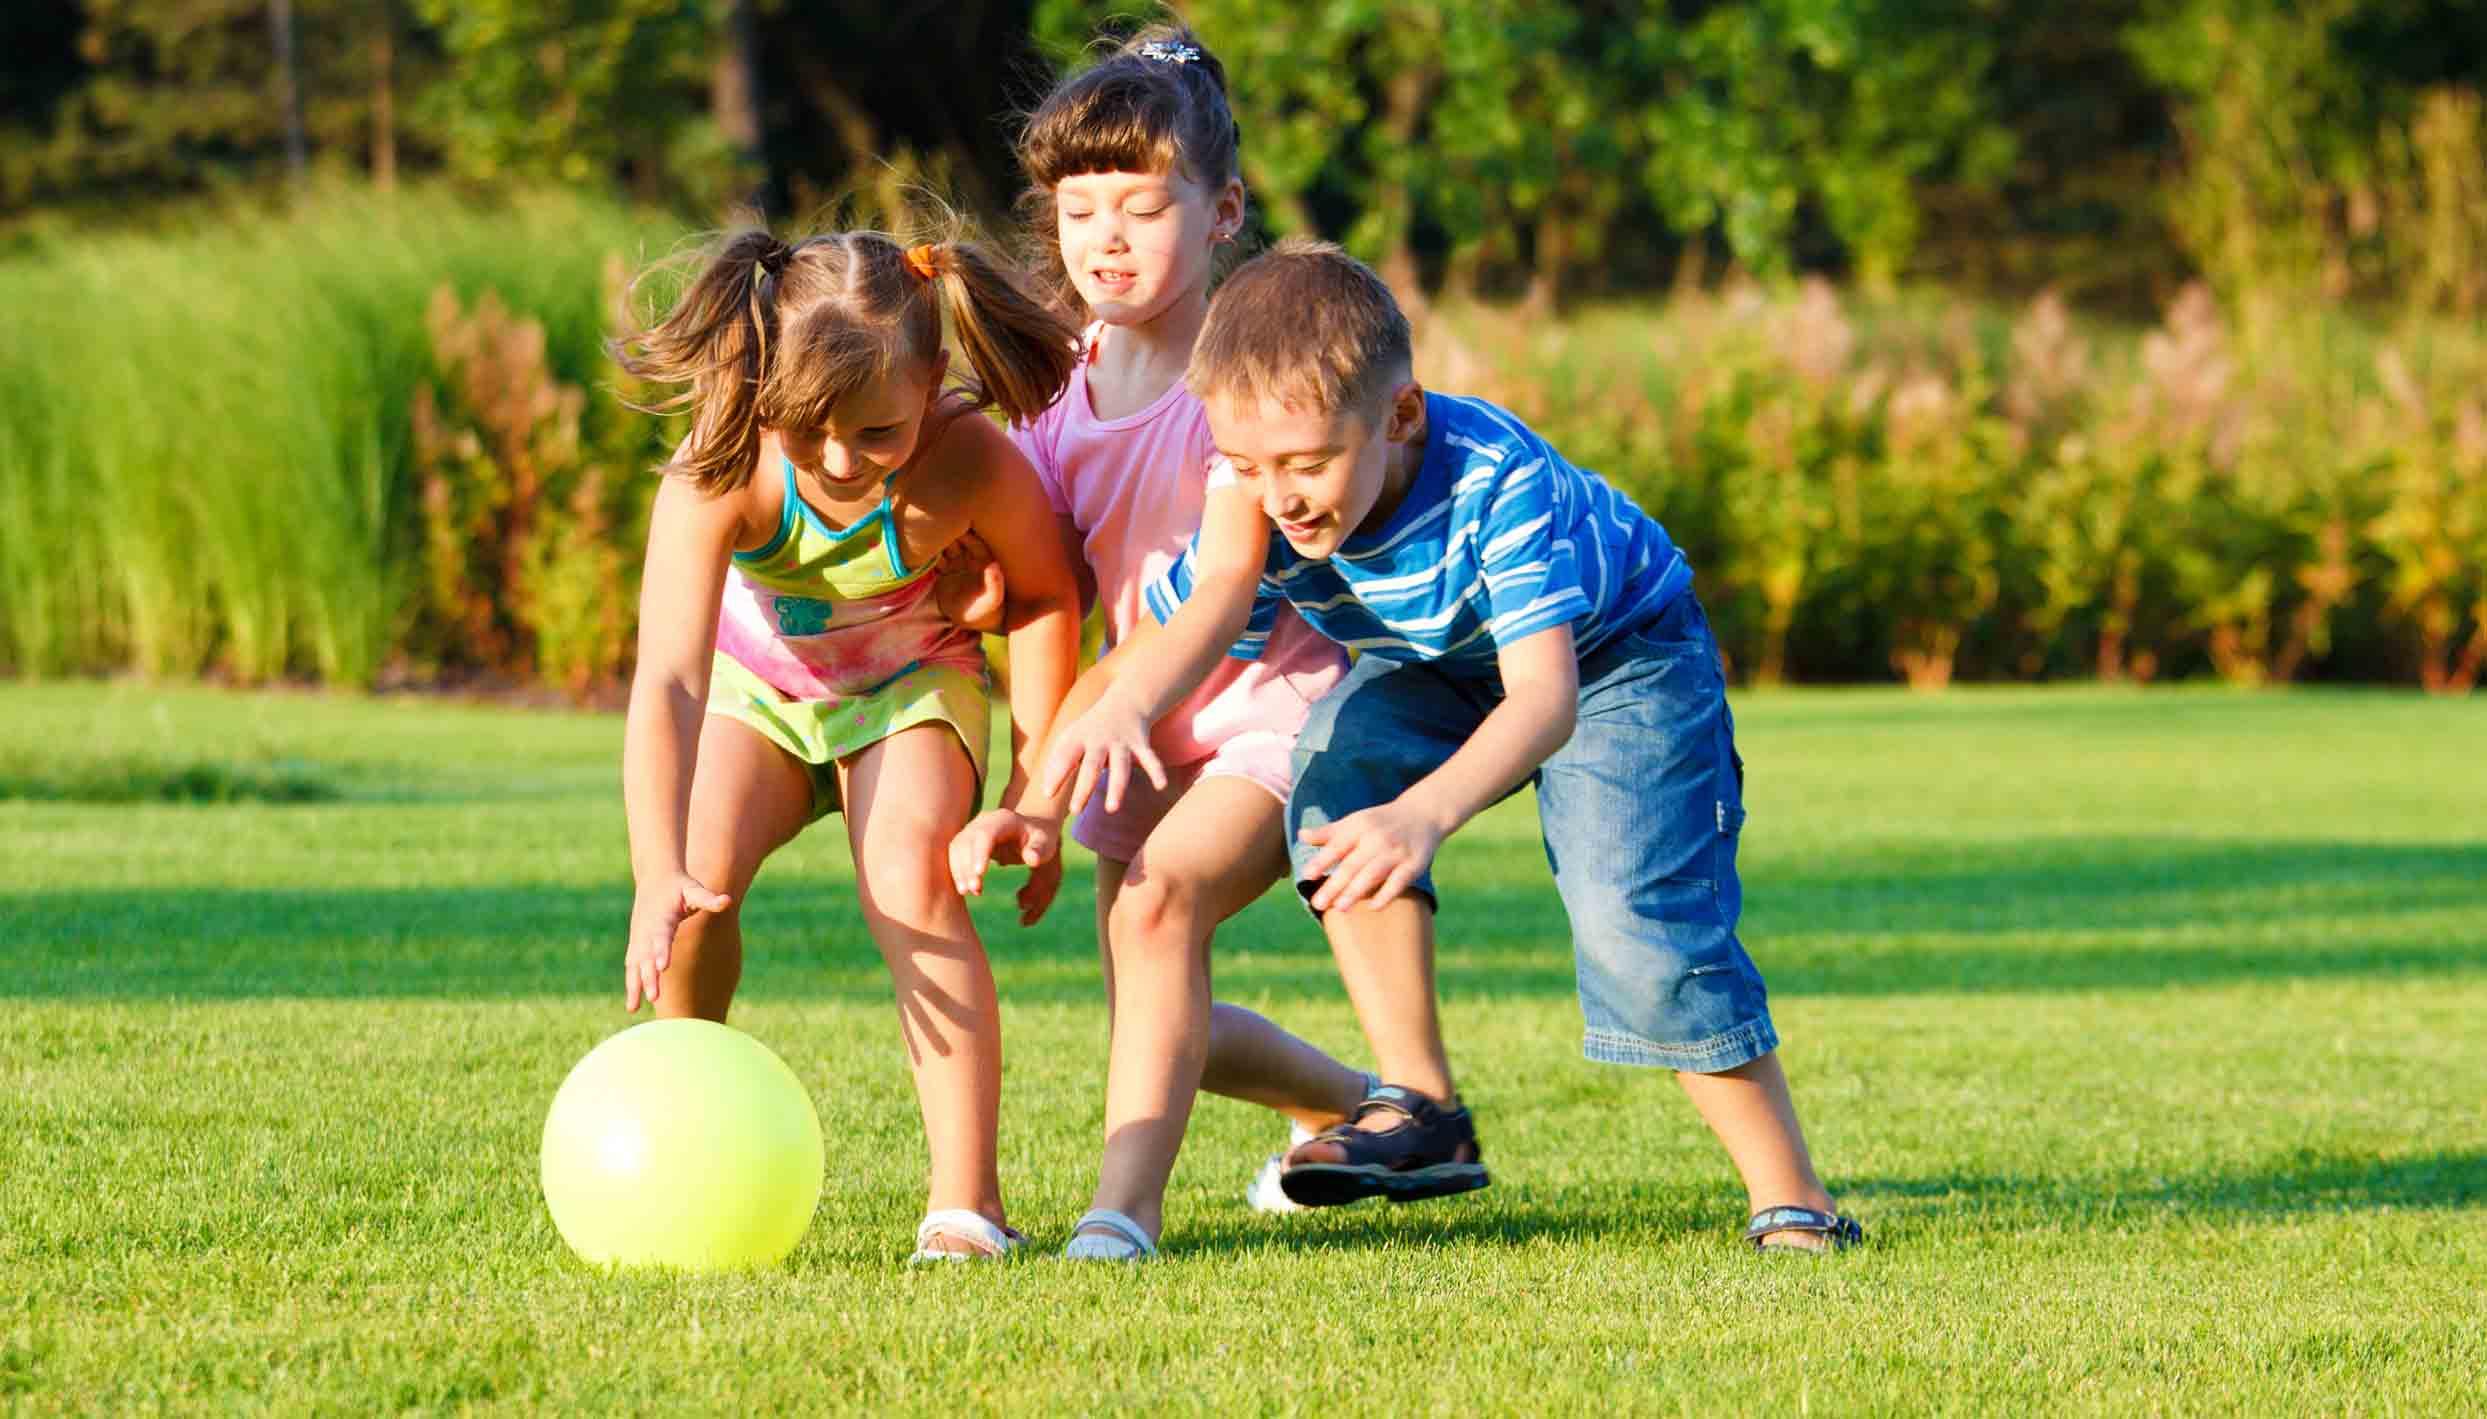 kids-playing-001.jpg